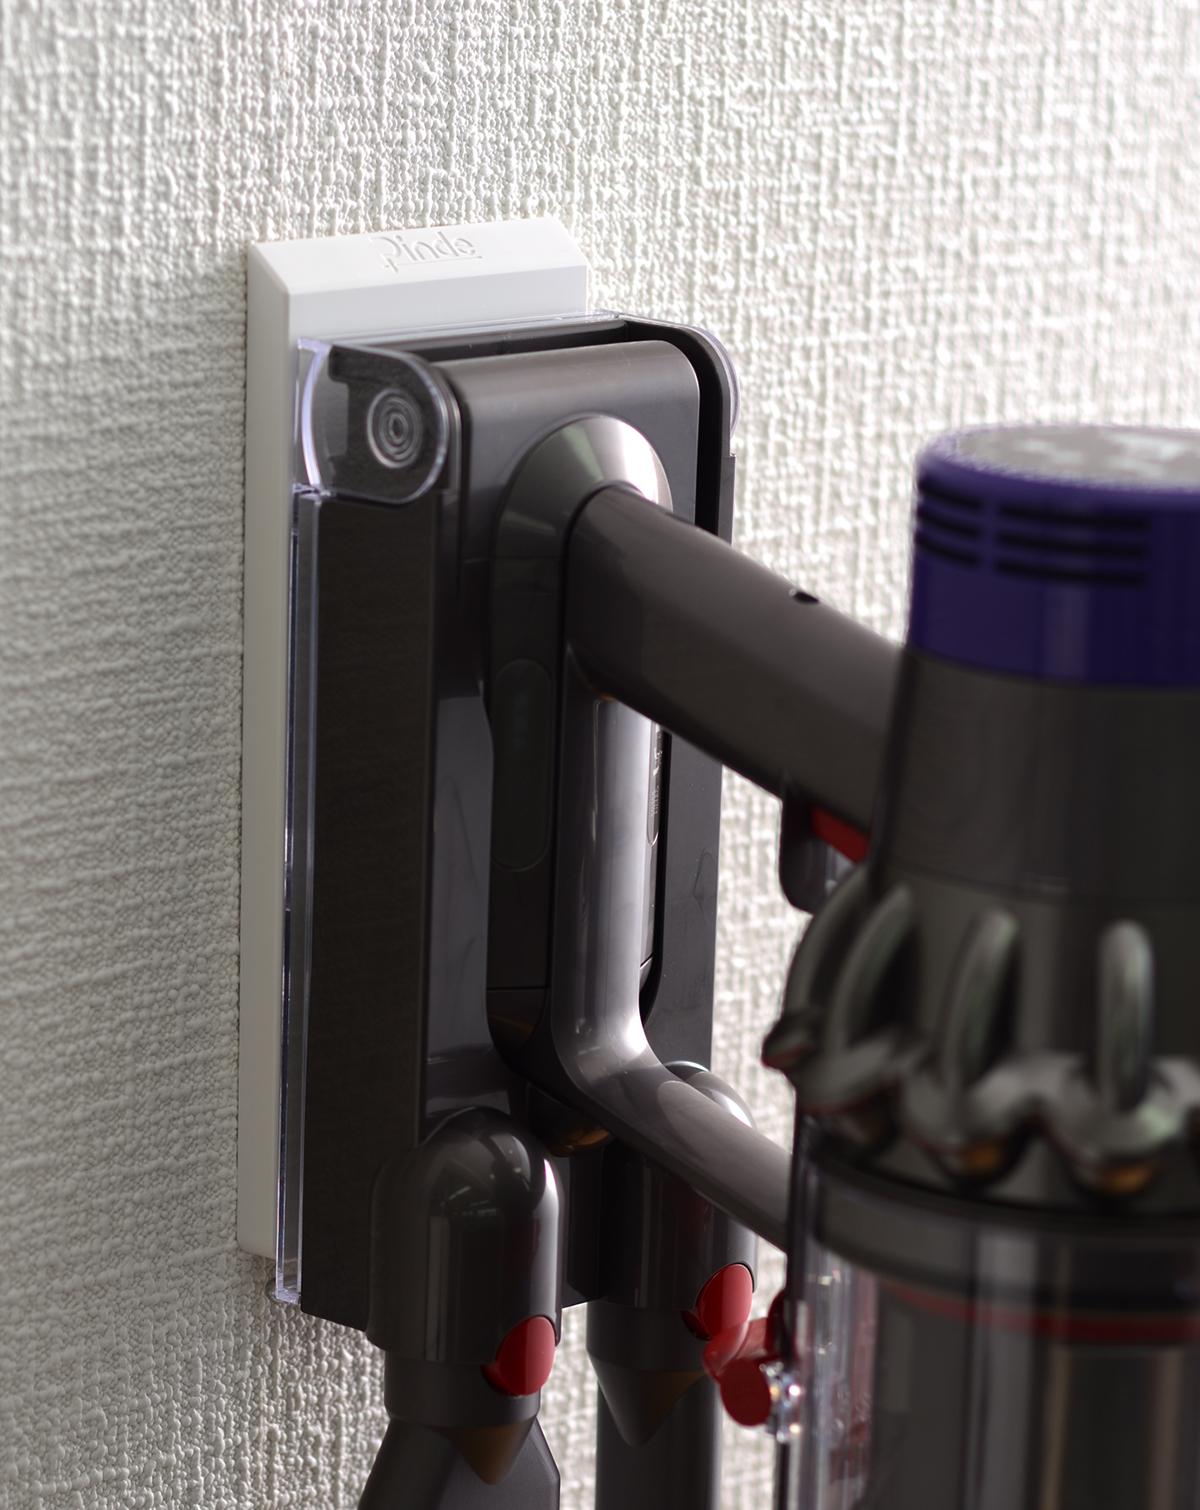 ダイソンのコードレス掃除機(V6・V7・V8・V10)を壁に大きなネジ穴を開けずに設置できるフック|Pinde(ピンデ)